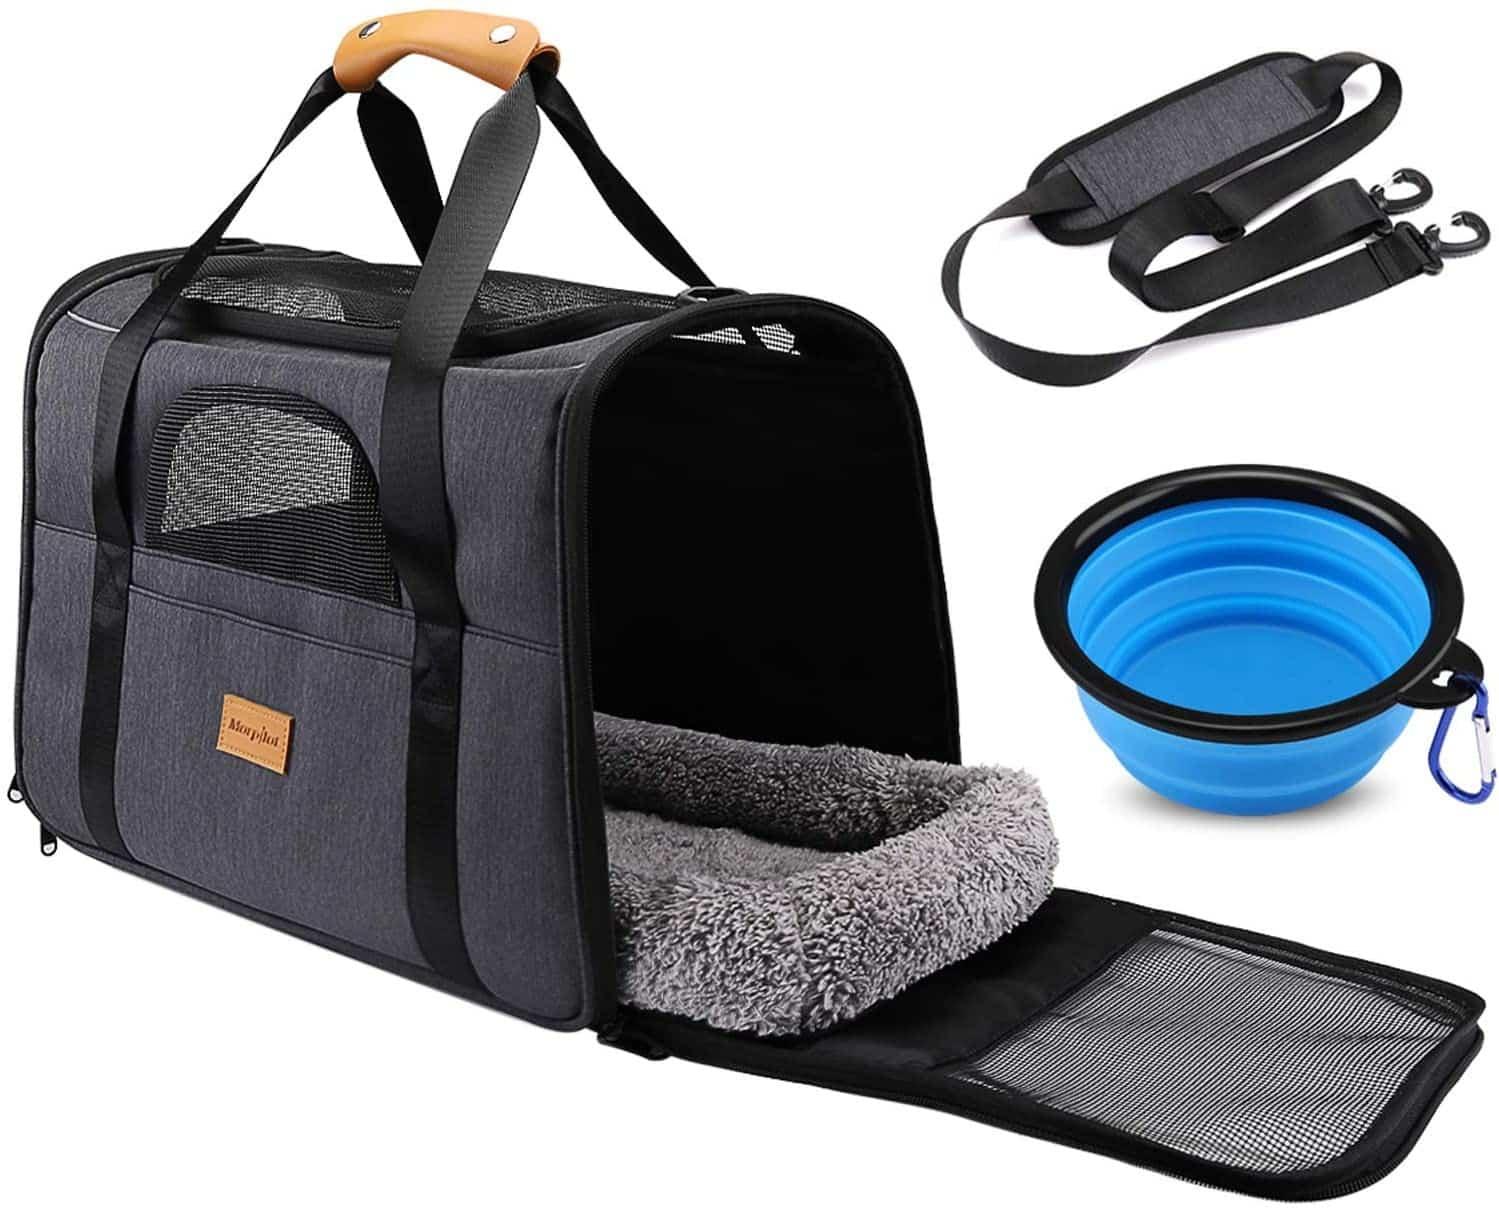 Un sac pour transporter votre animal de compagnie